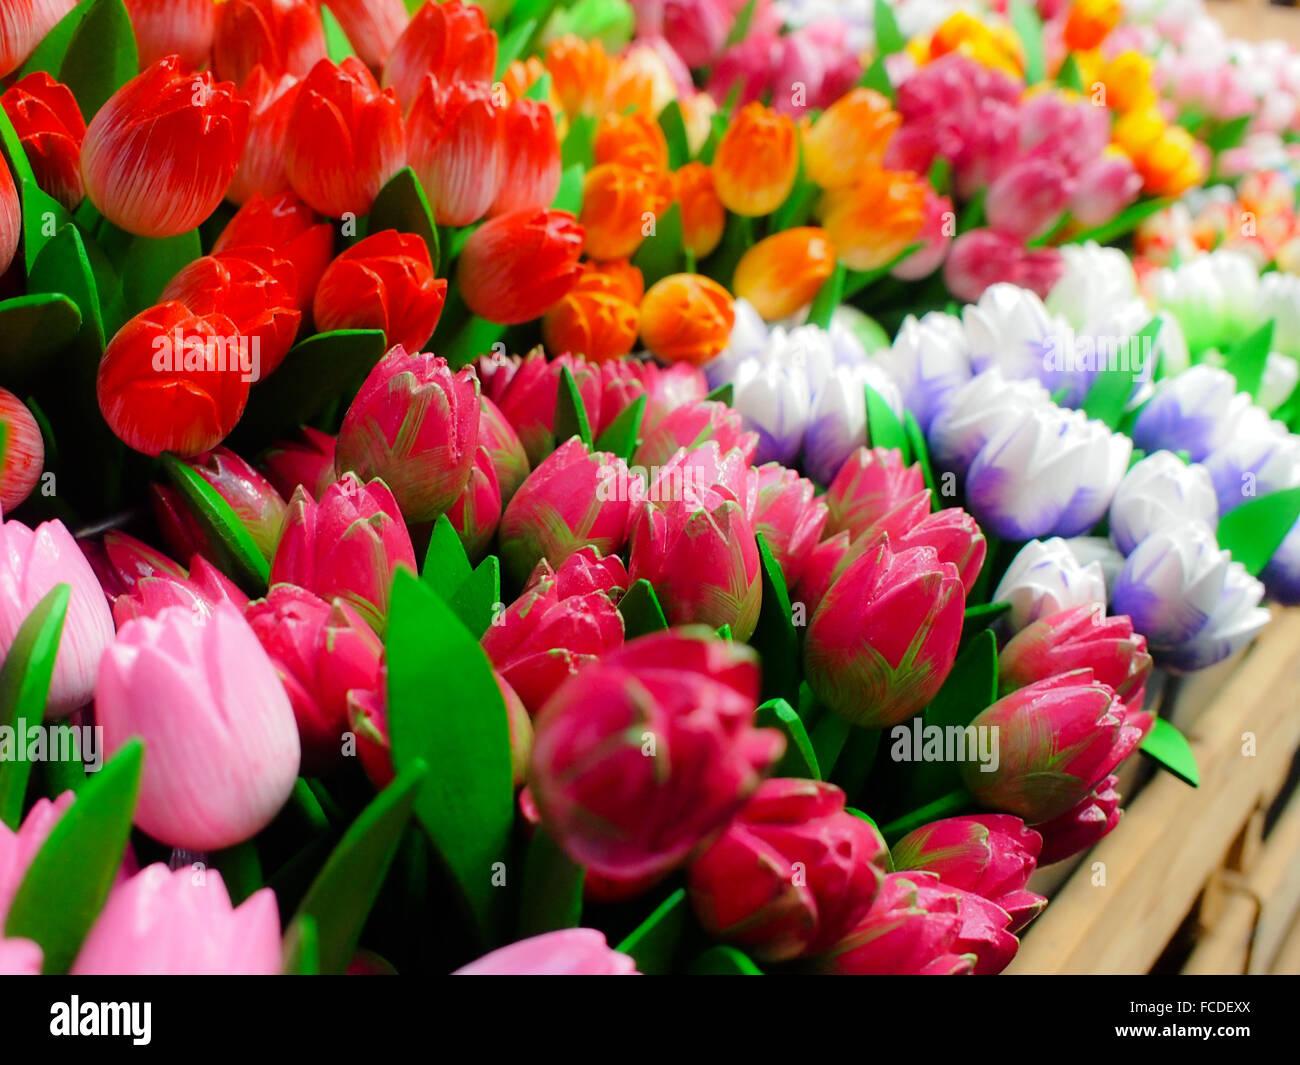 Hintergründe von bunten Blumen Stockbild